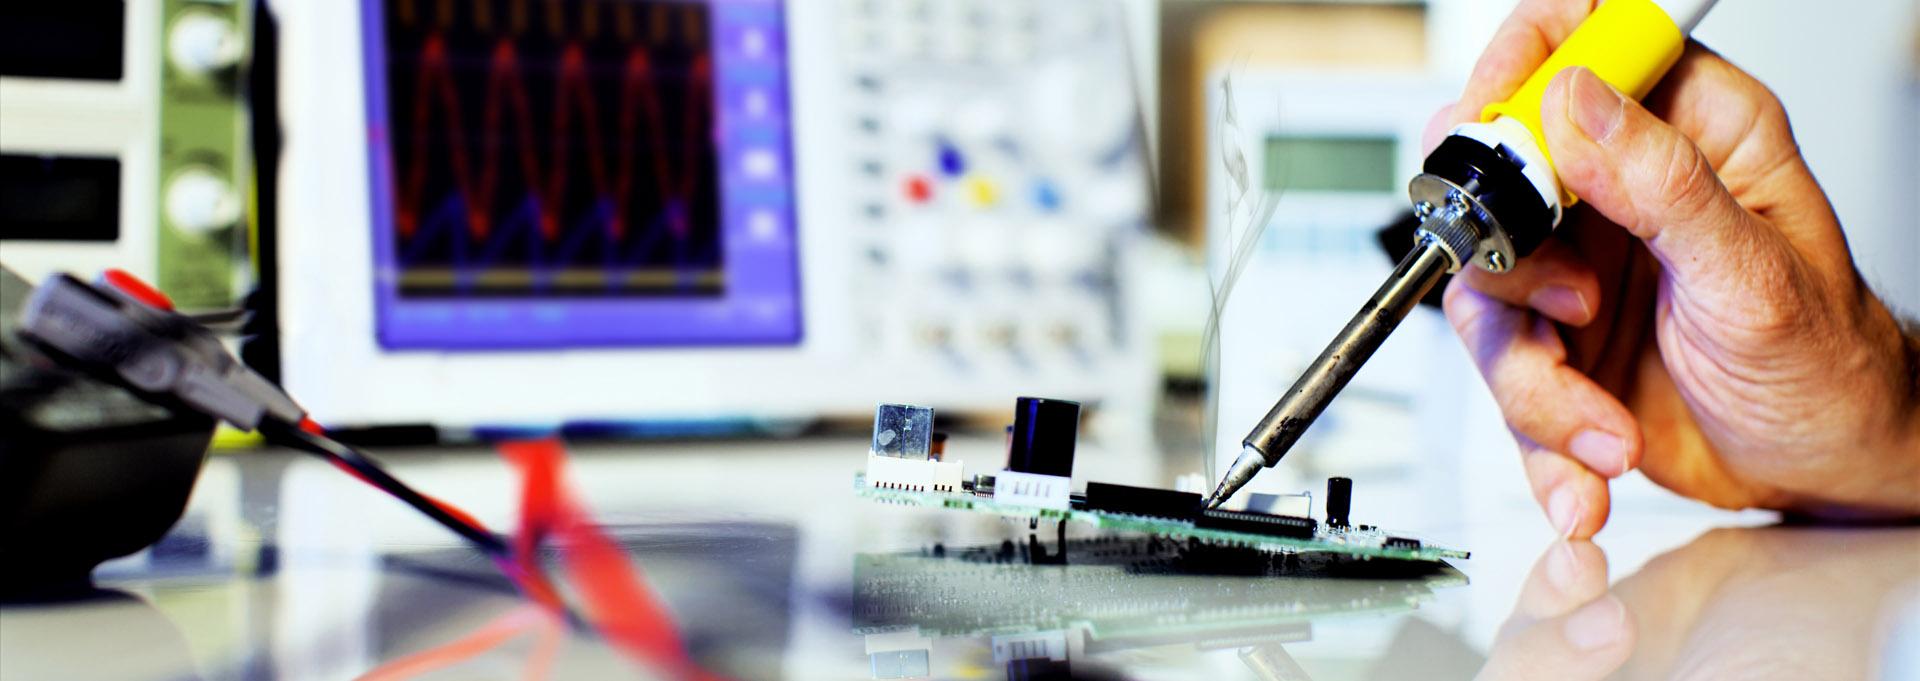 soldering_1920x681